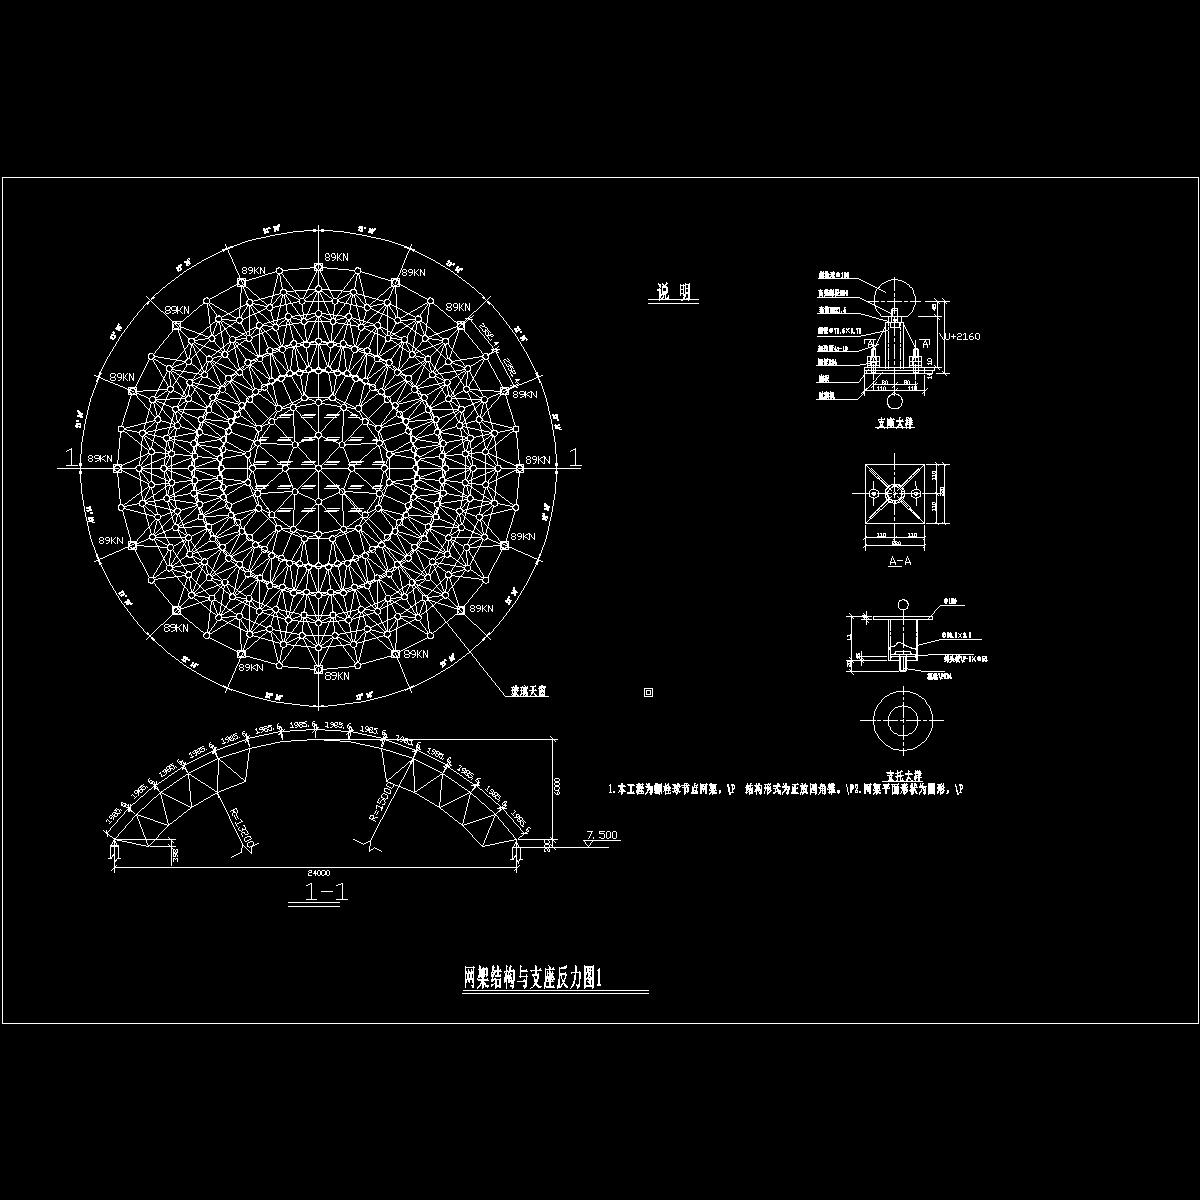 网架结构与支座反力图1.dwg